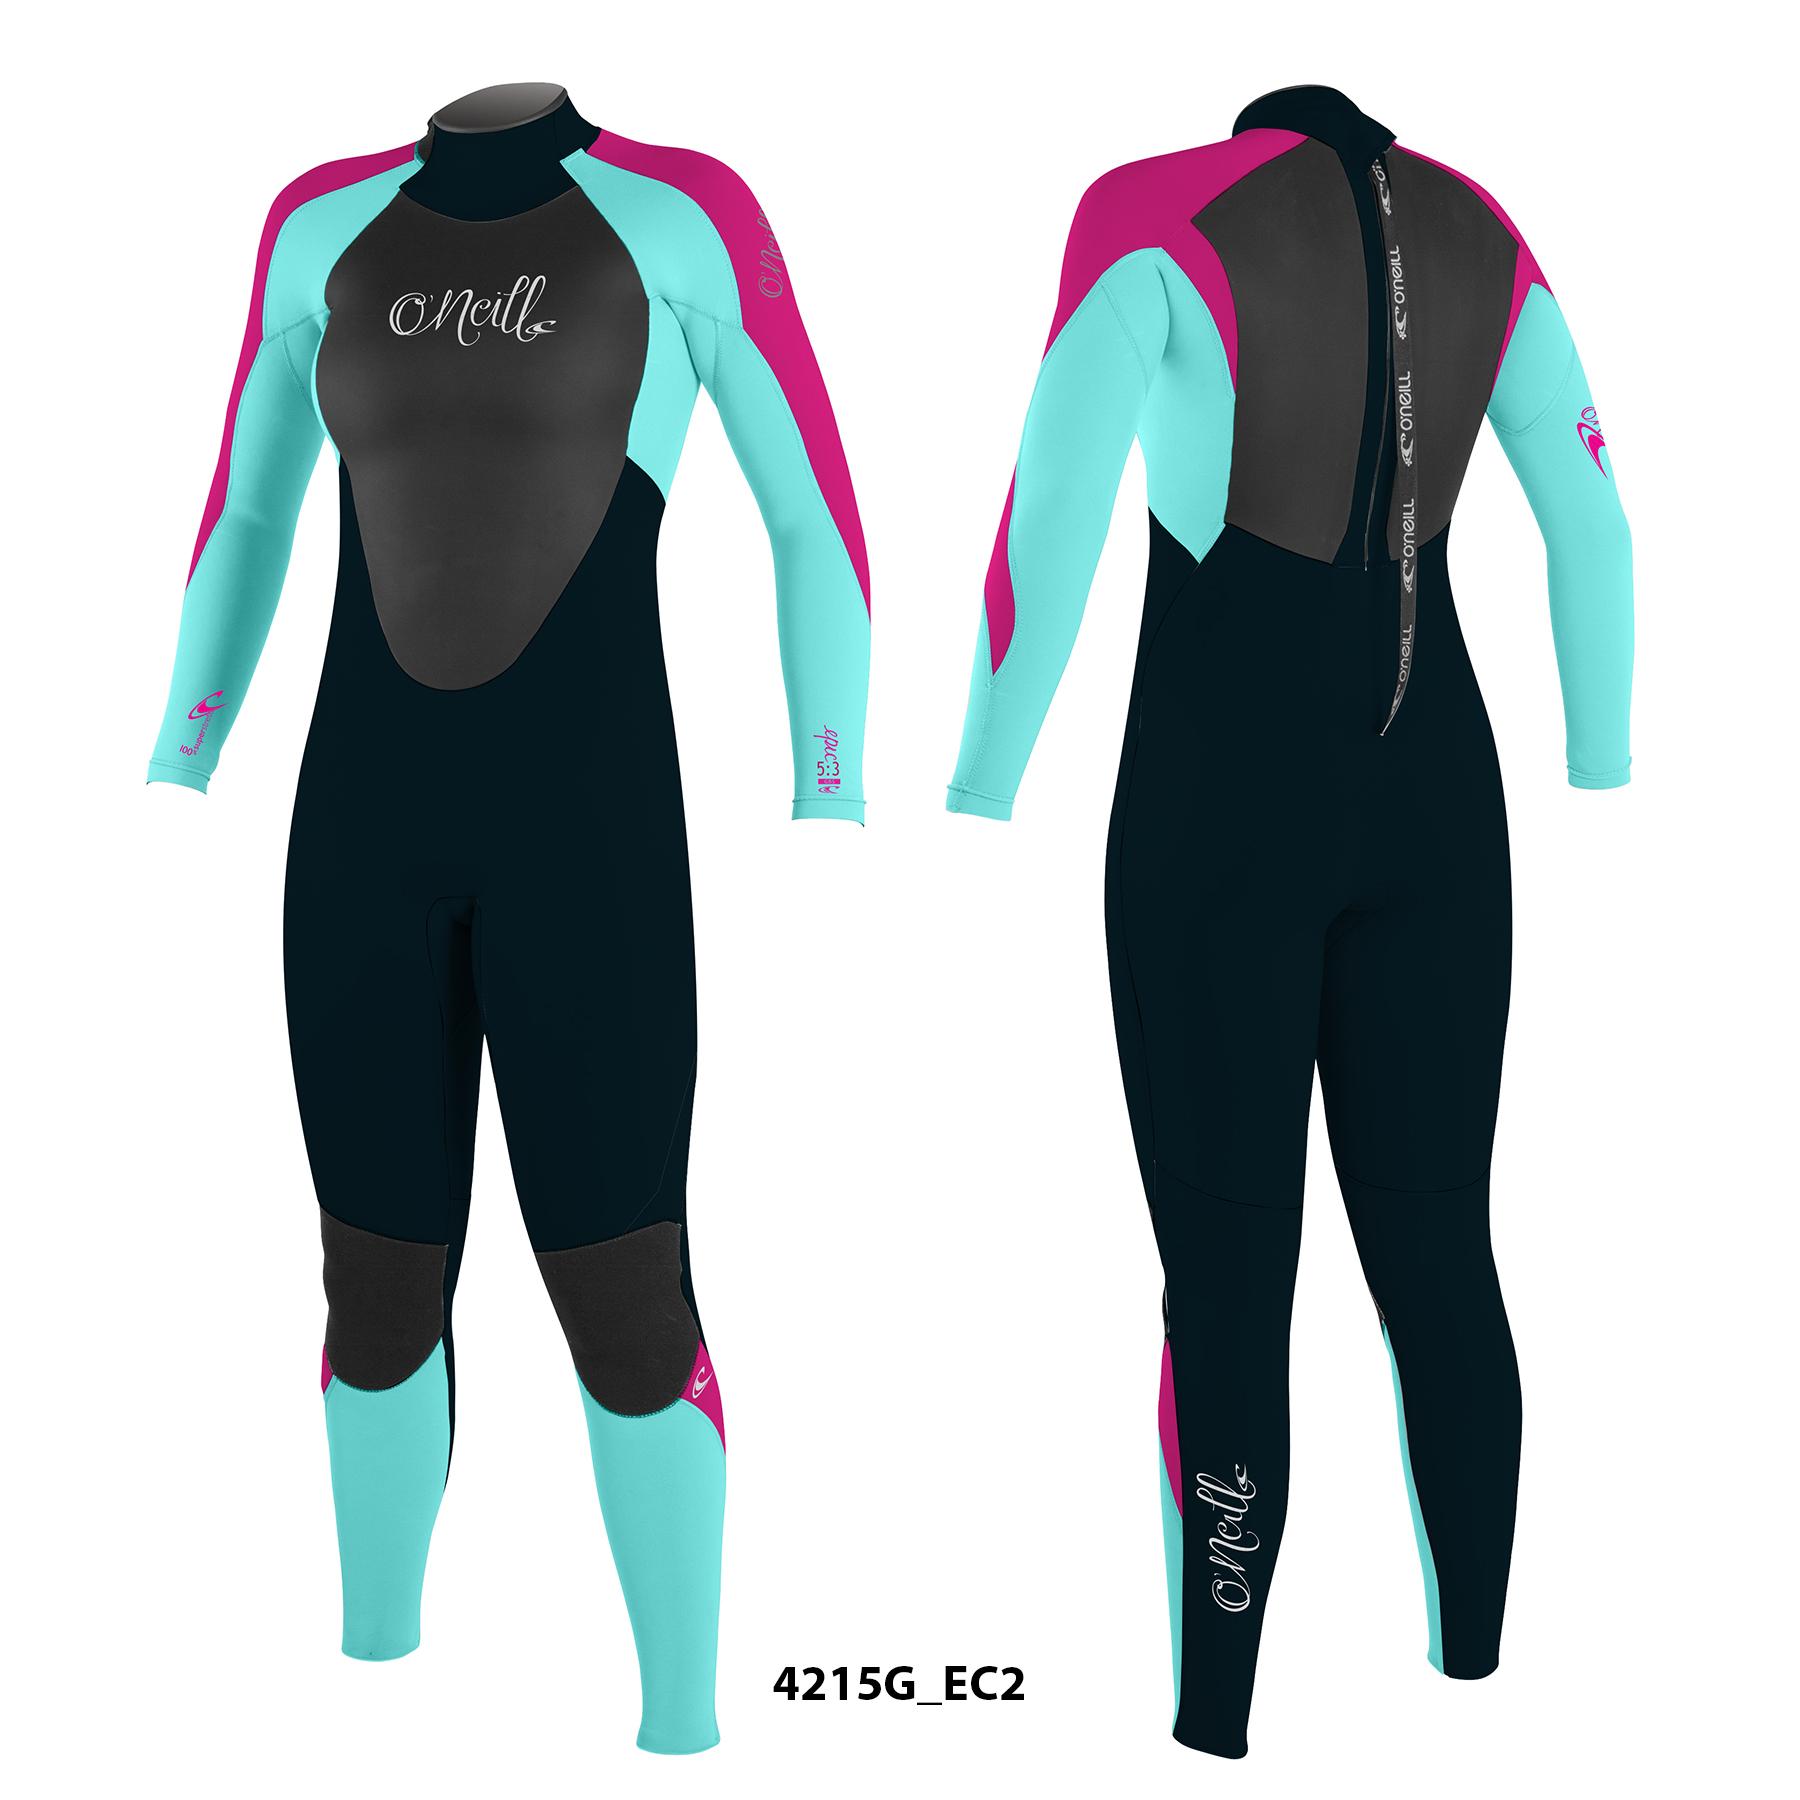 4b45db747f864 Comprar traje de surf de neopreno - Tienda online Surfmarket